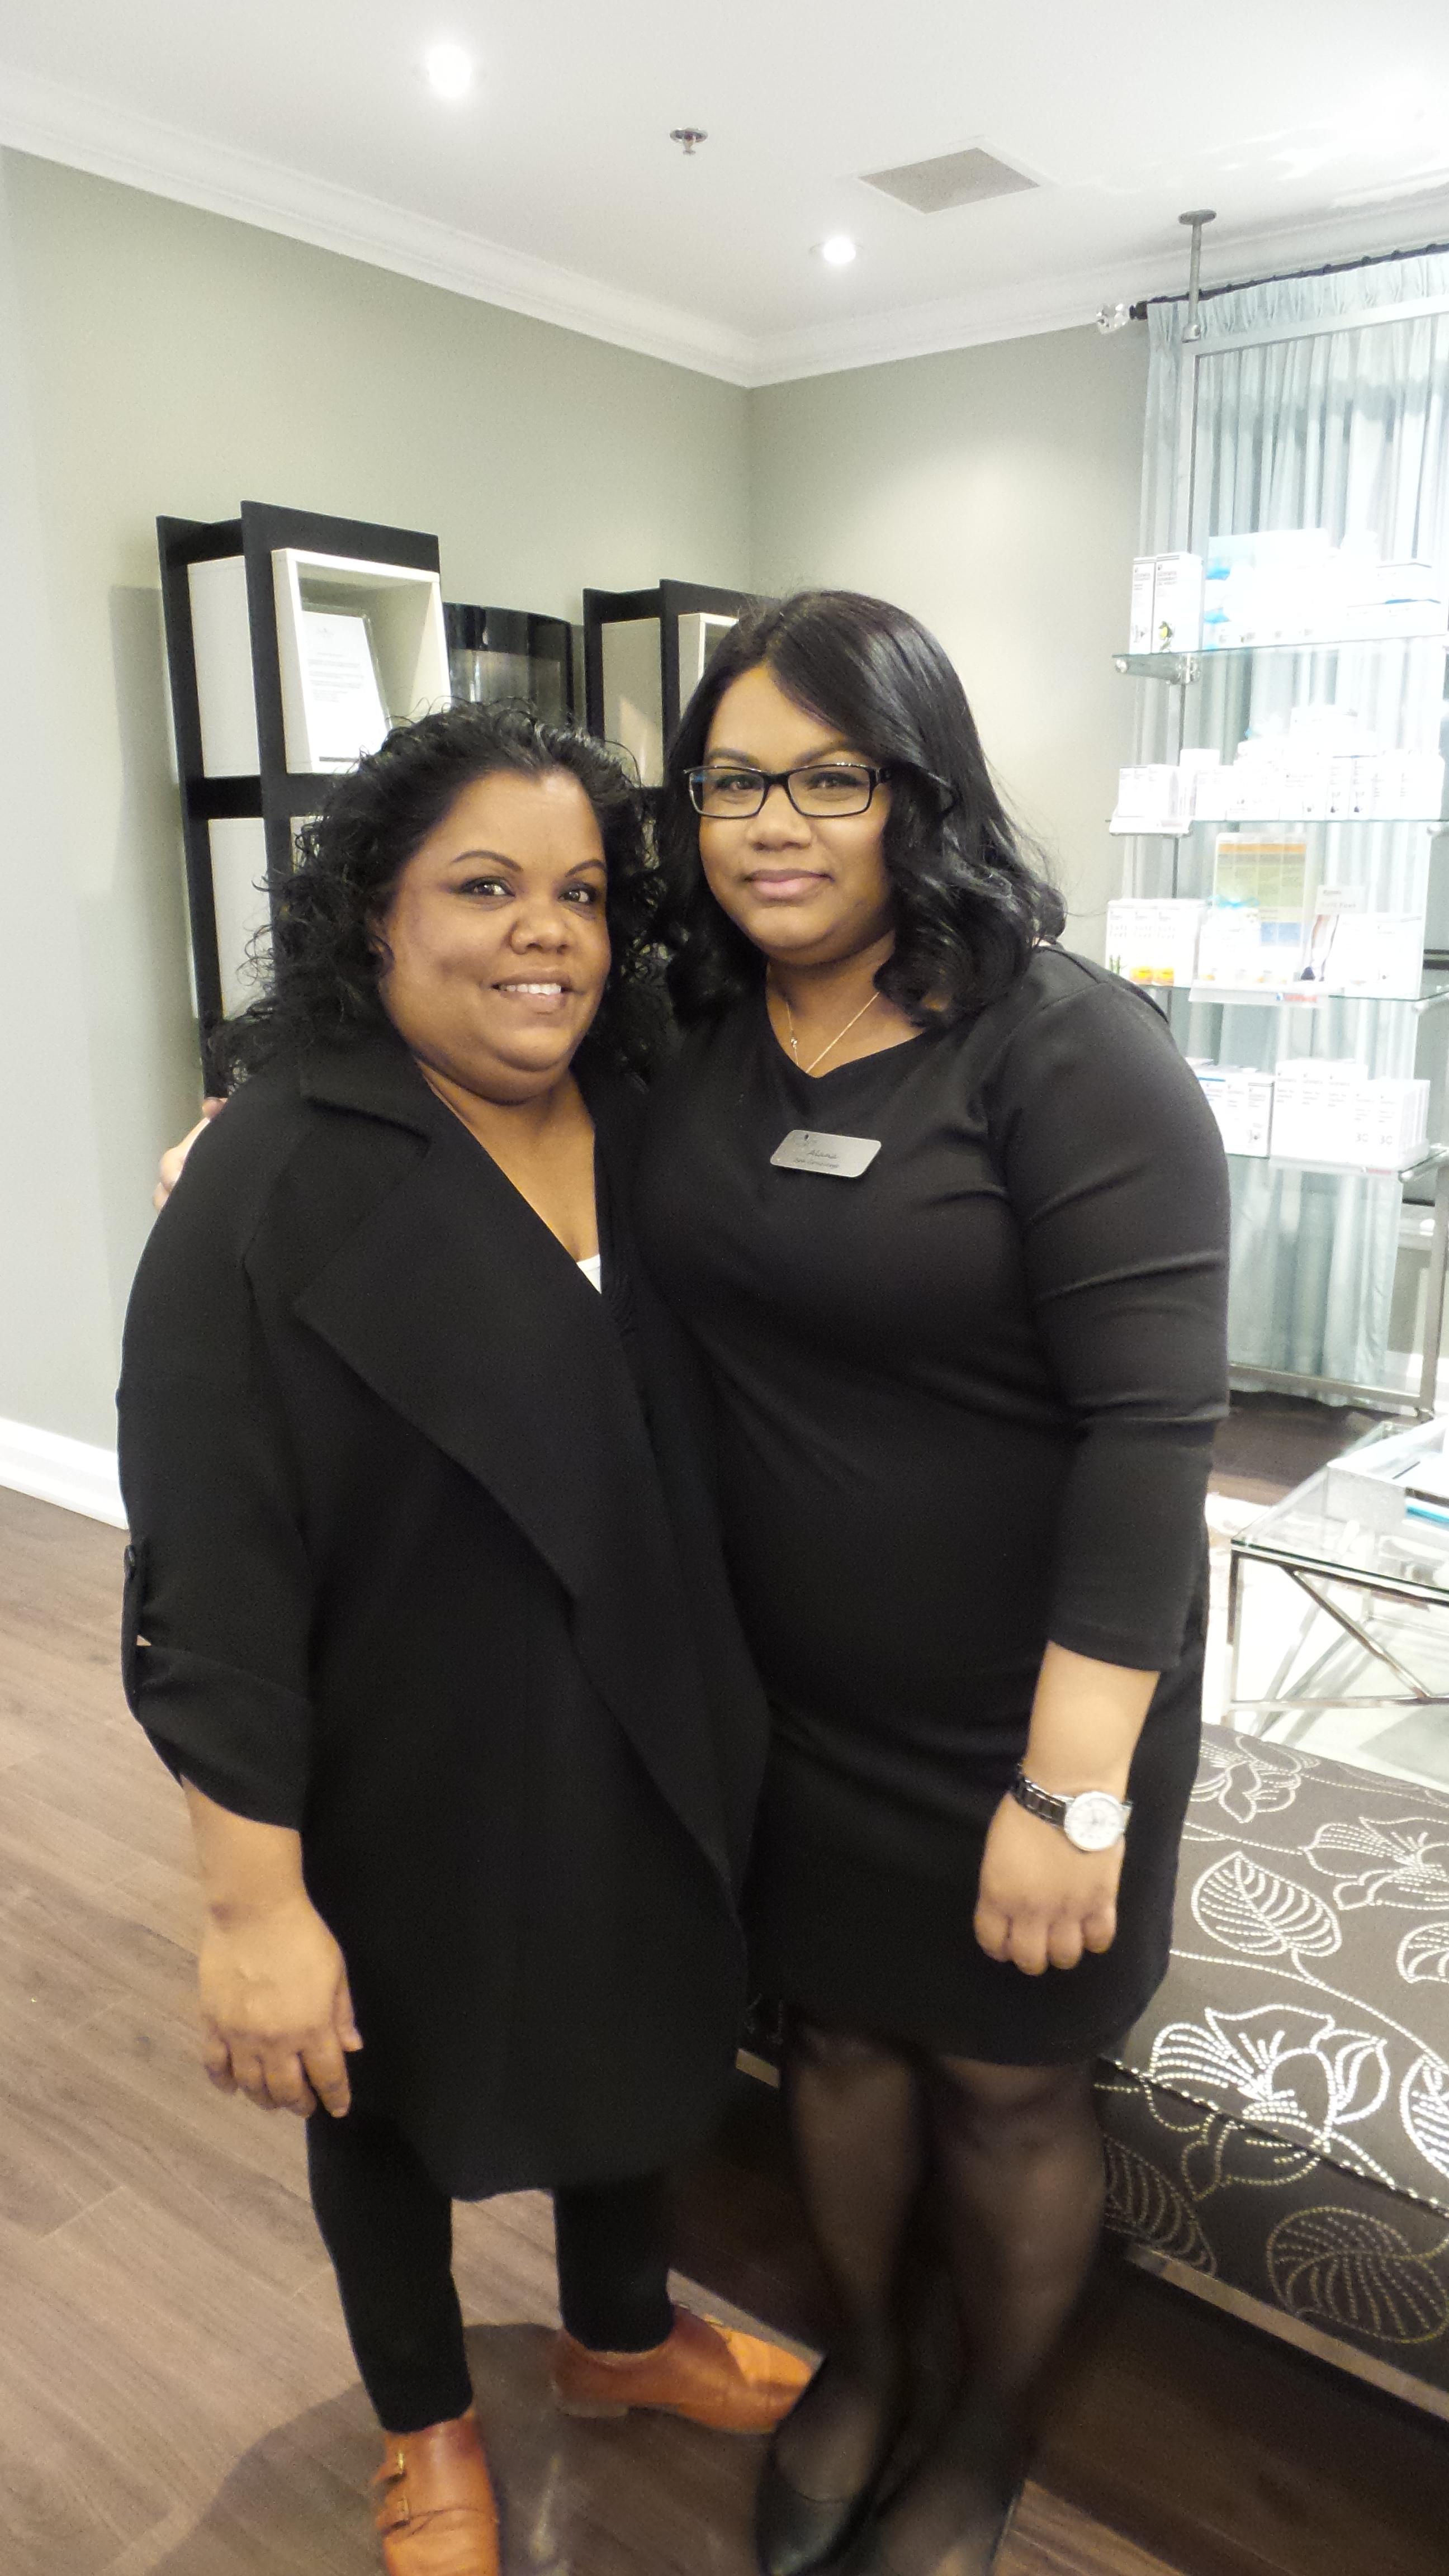 Alana & Michelle